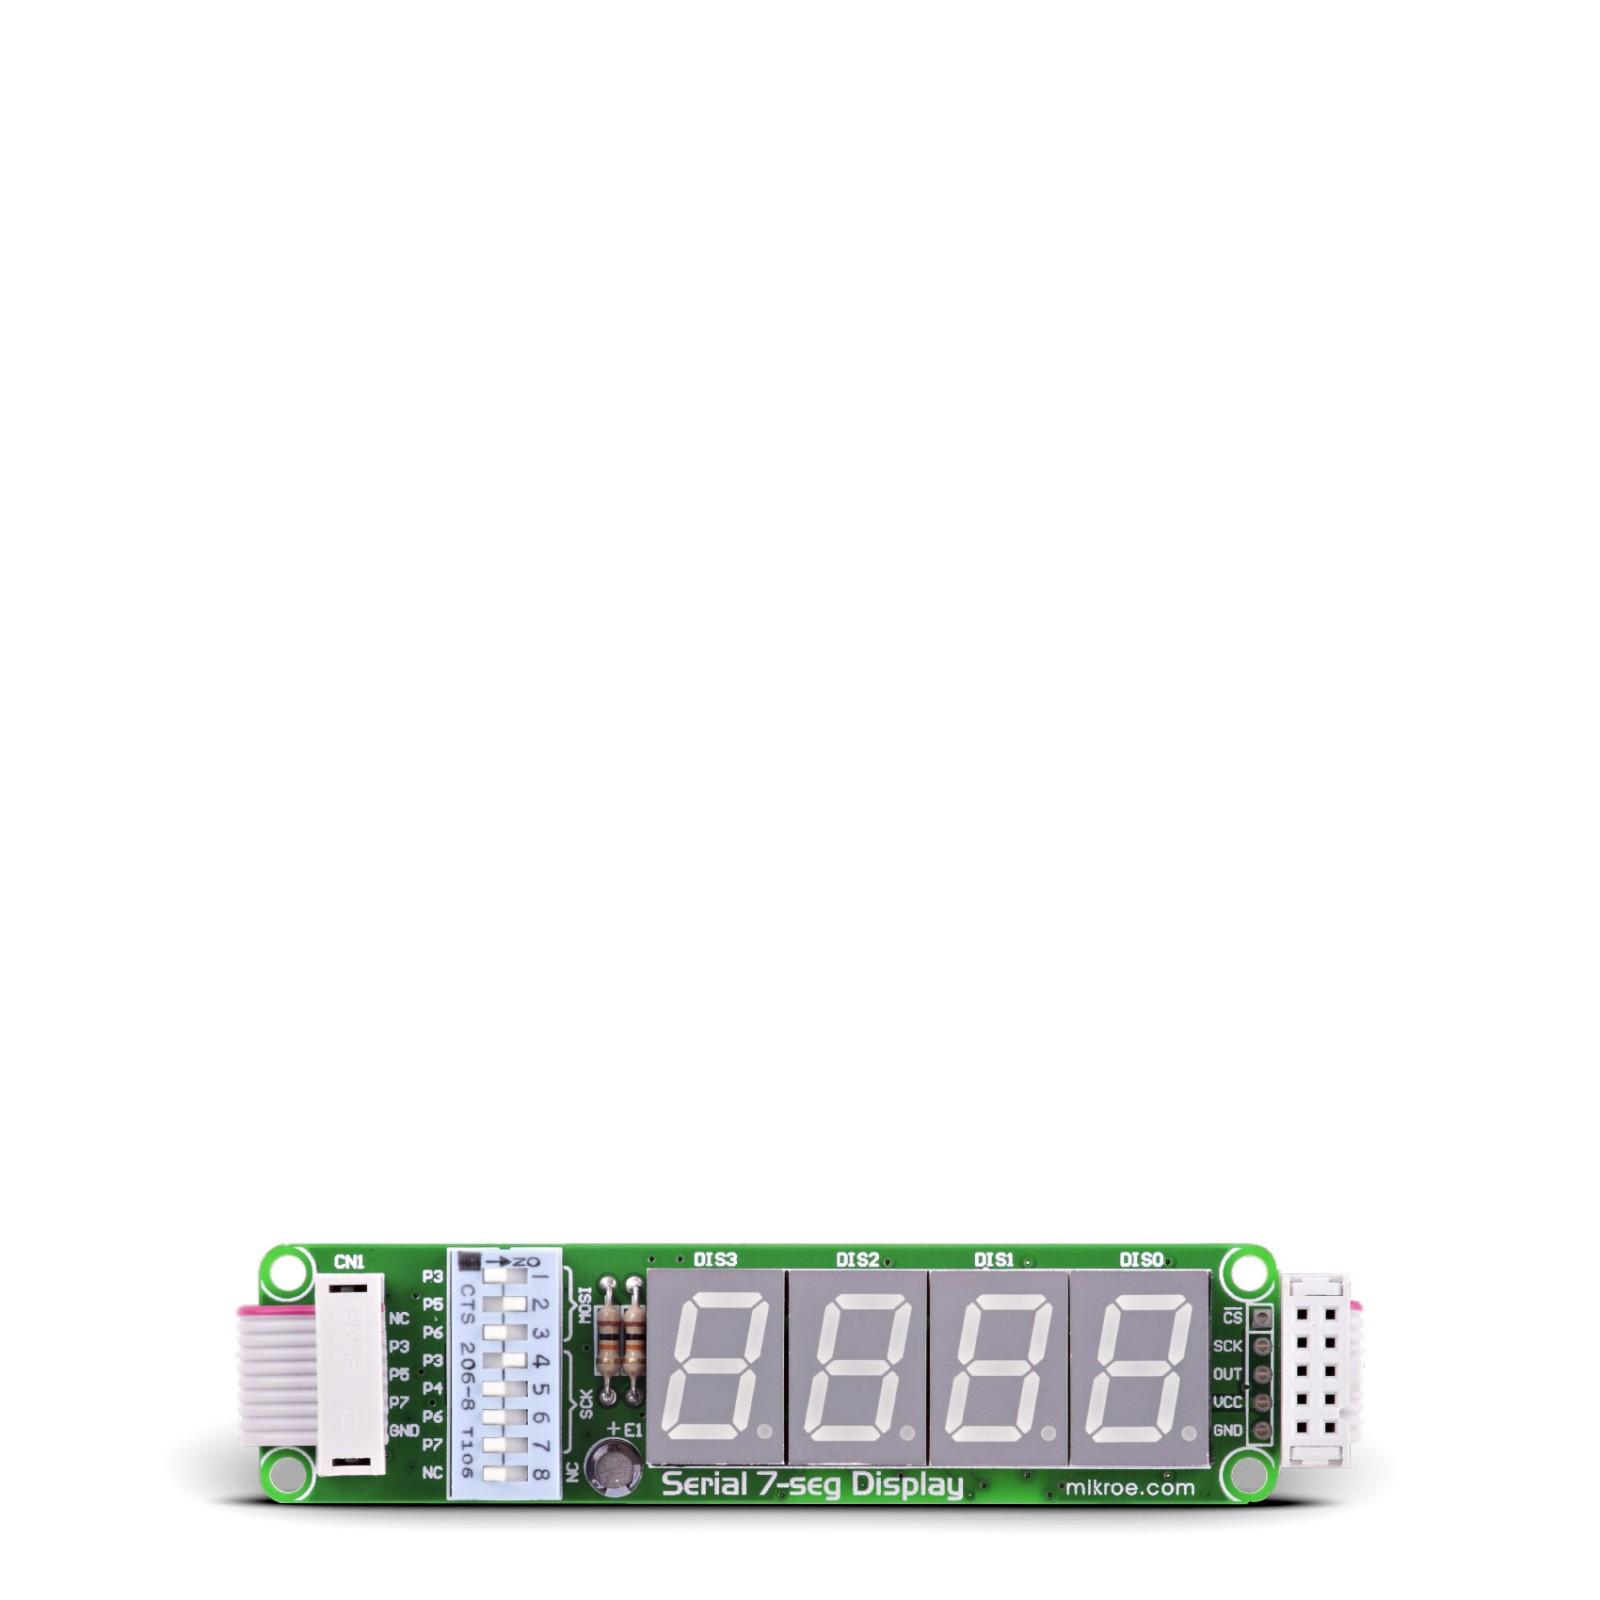 Serial 7-seg Display Board - 4-digit Seven segment Display